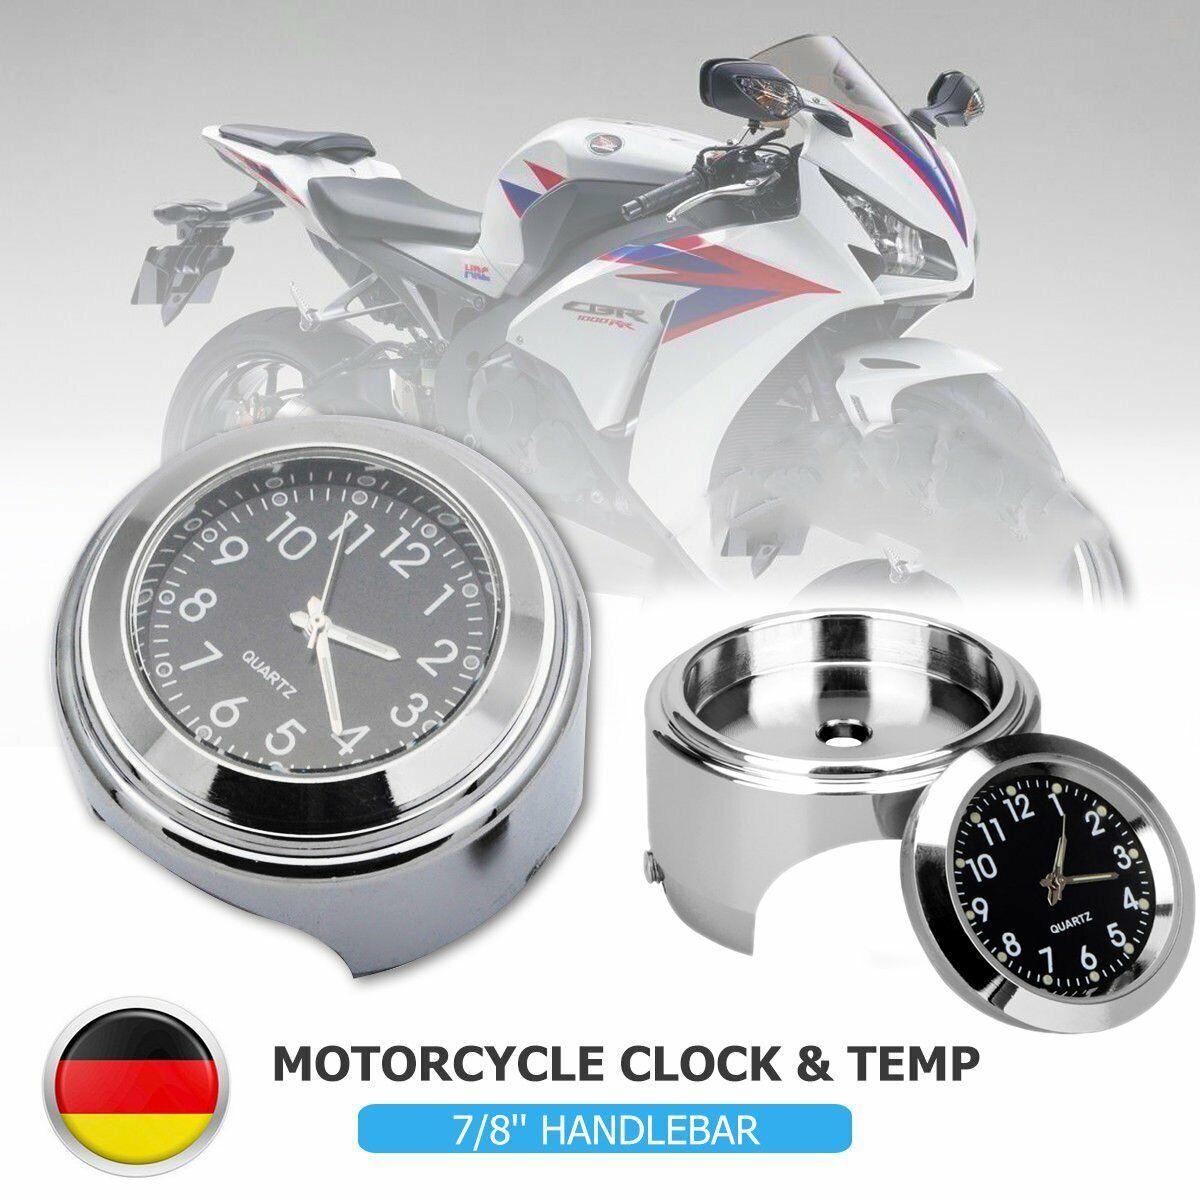 Terisass Wasserdichte Motorraduhr Universal Motorrad Lenkerhalterung Uhr Metall Griffstange Uhr Zubeh/ör f/ür Motorr/äder mit 7//8-1 Zoll Lenker Schwarz